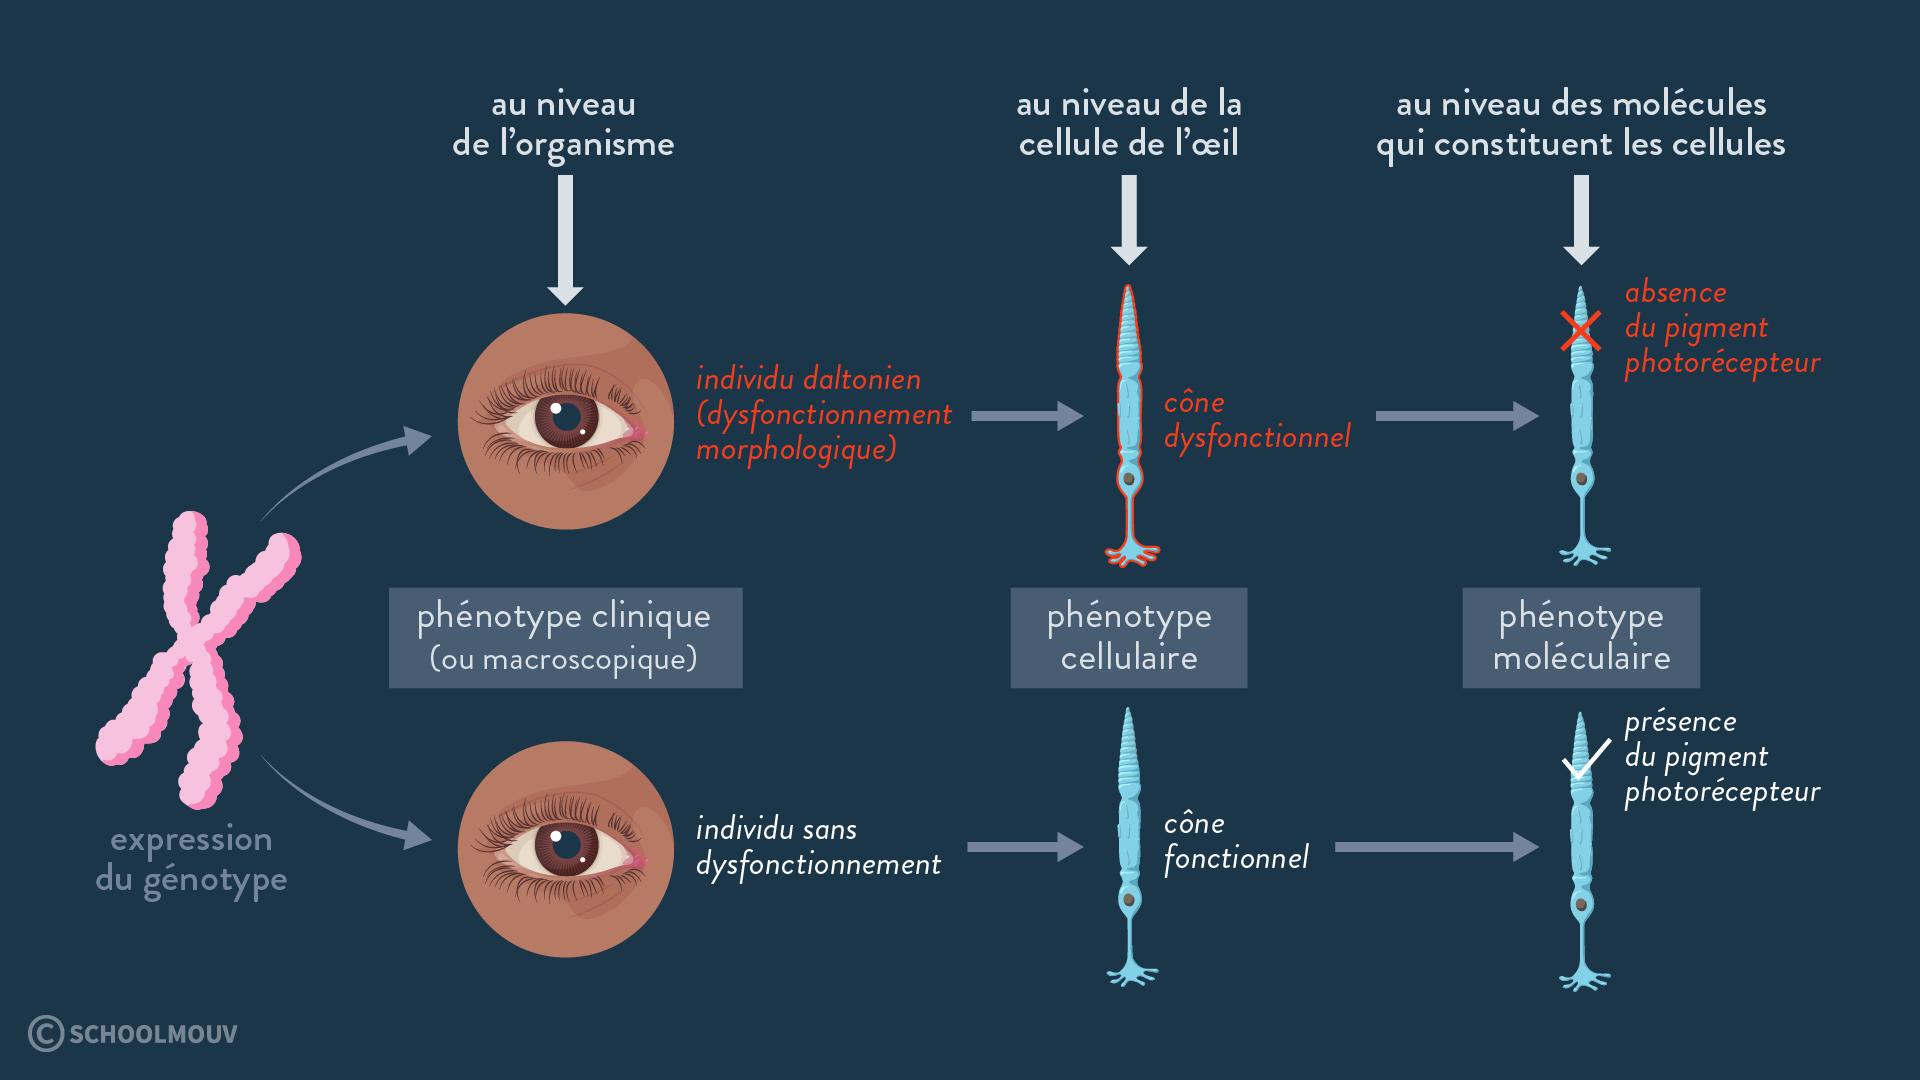 daltonisme daltonien phénotype clinique macroscopique cellulaire moléculaire